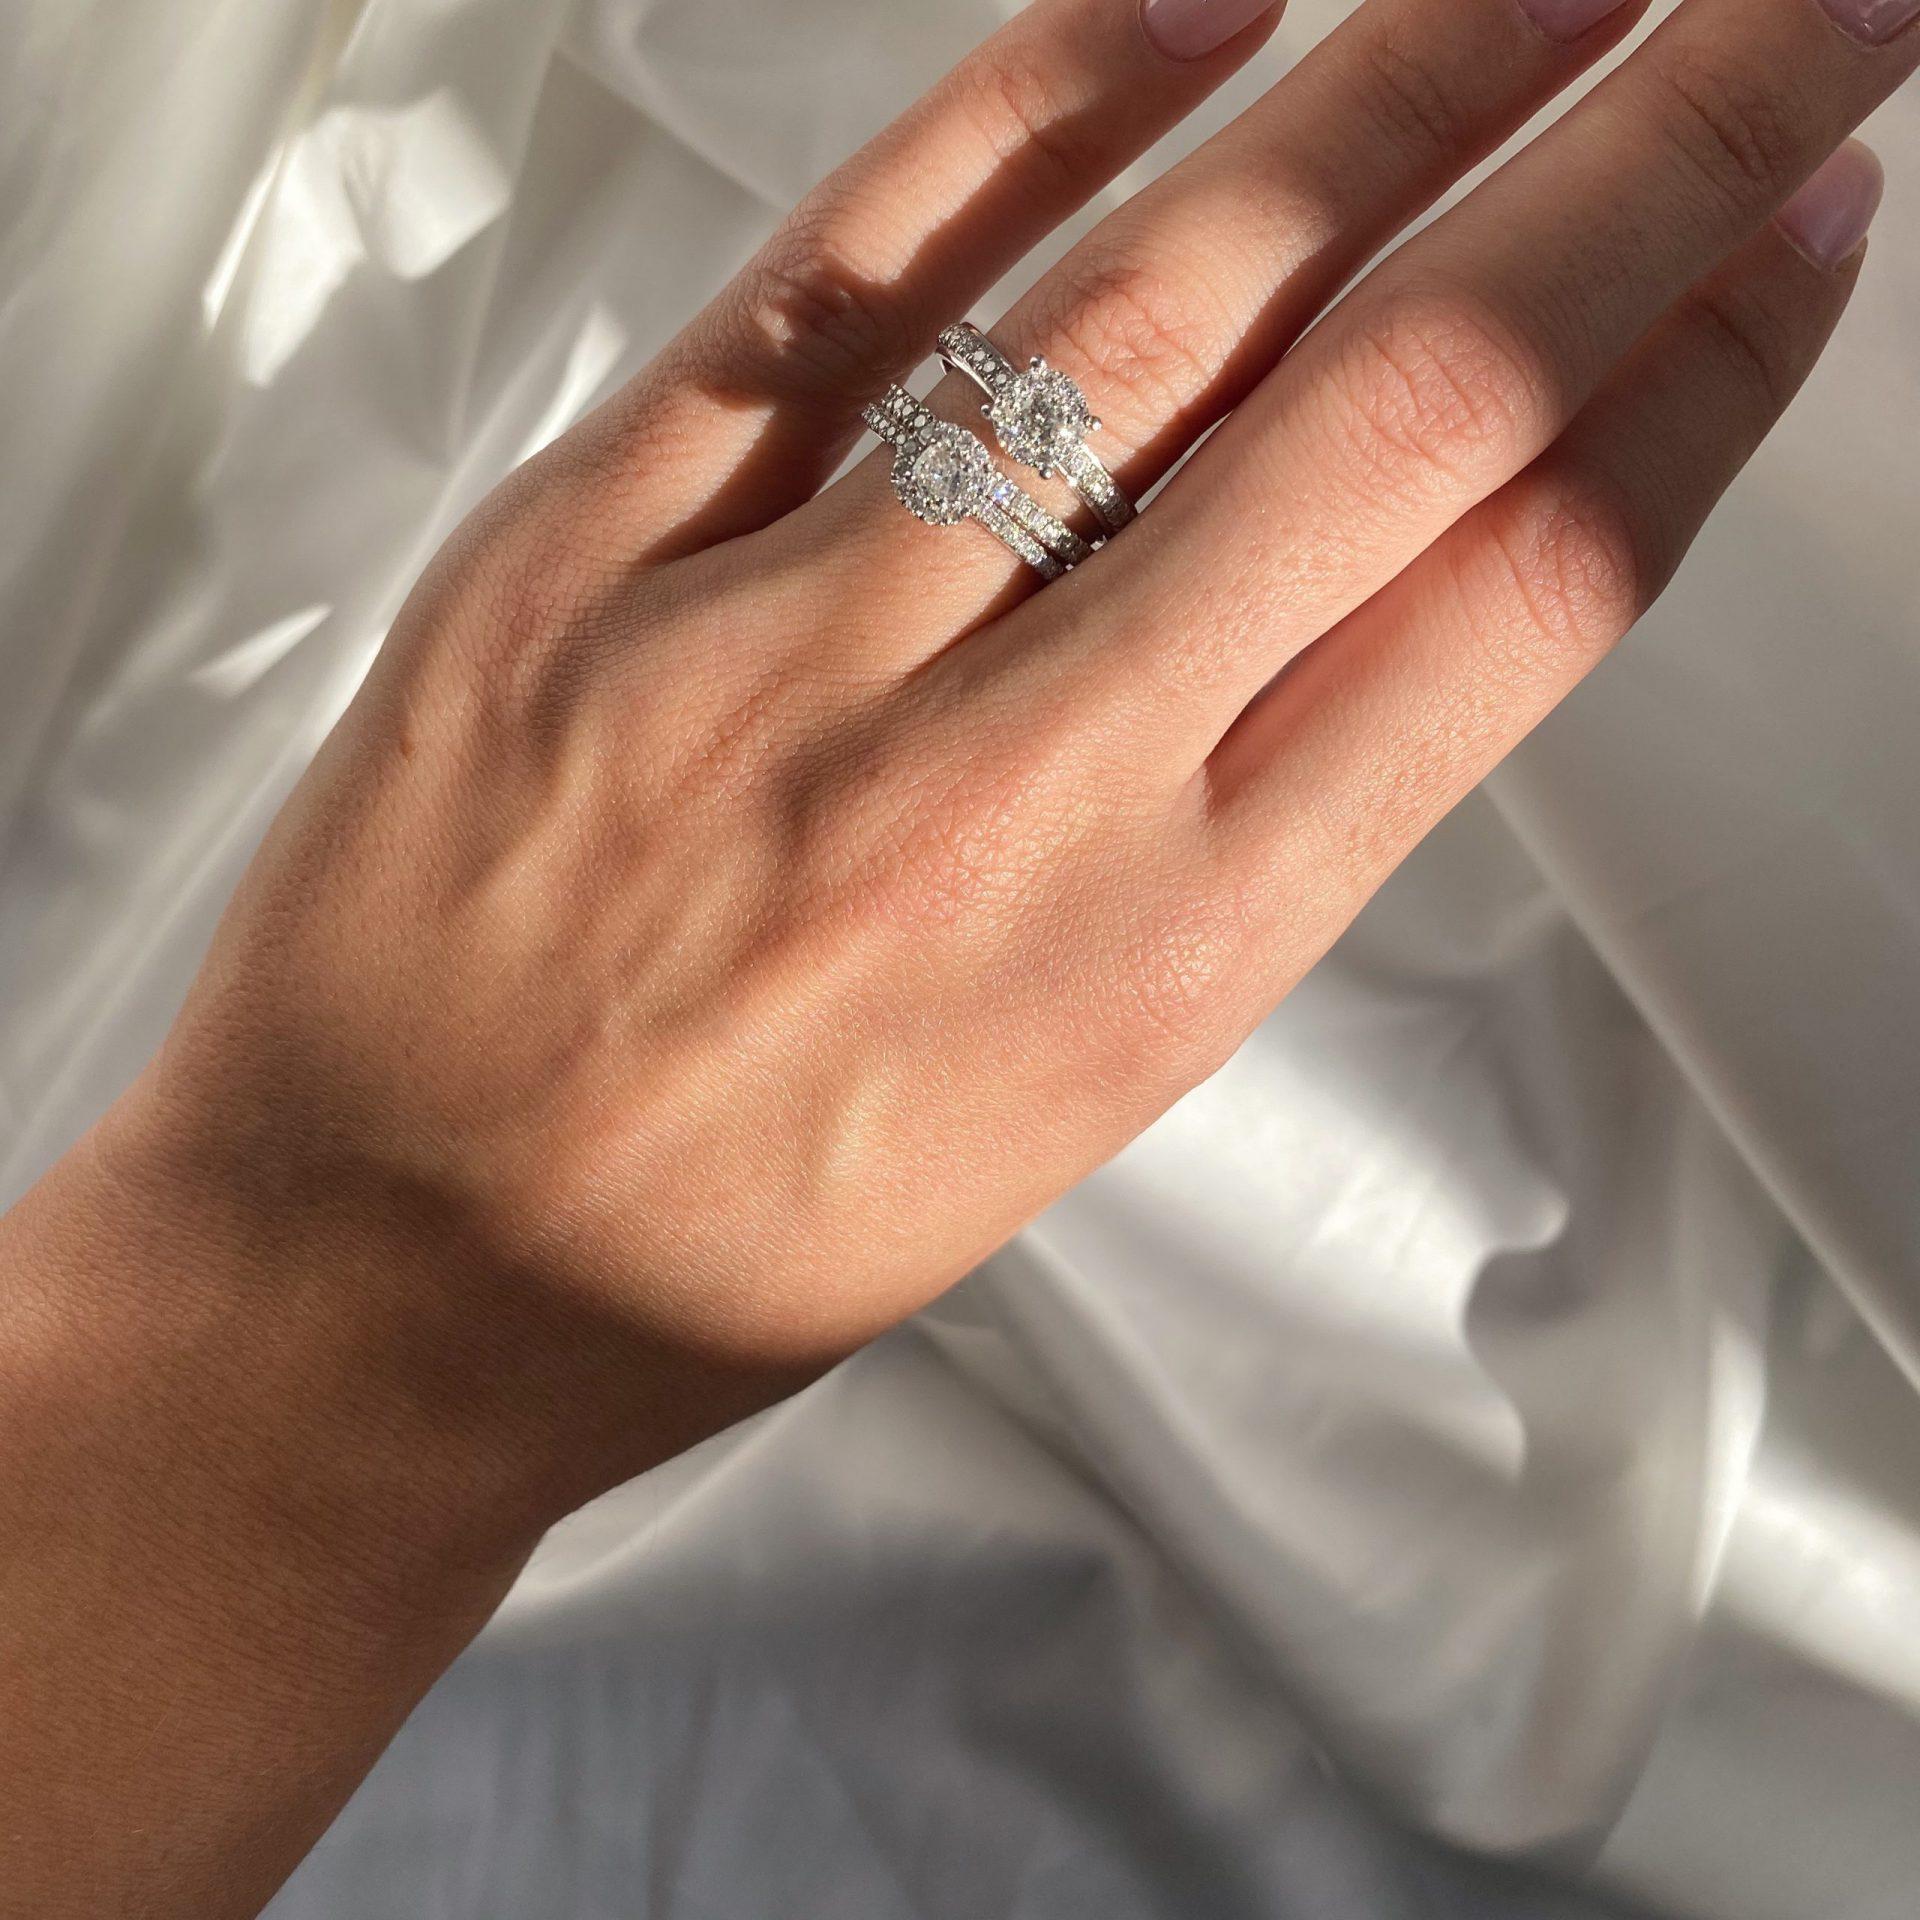 טבעת יהלומים איטרניטי